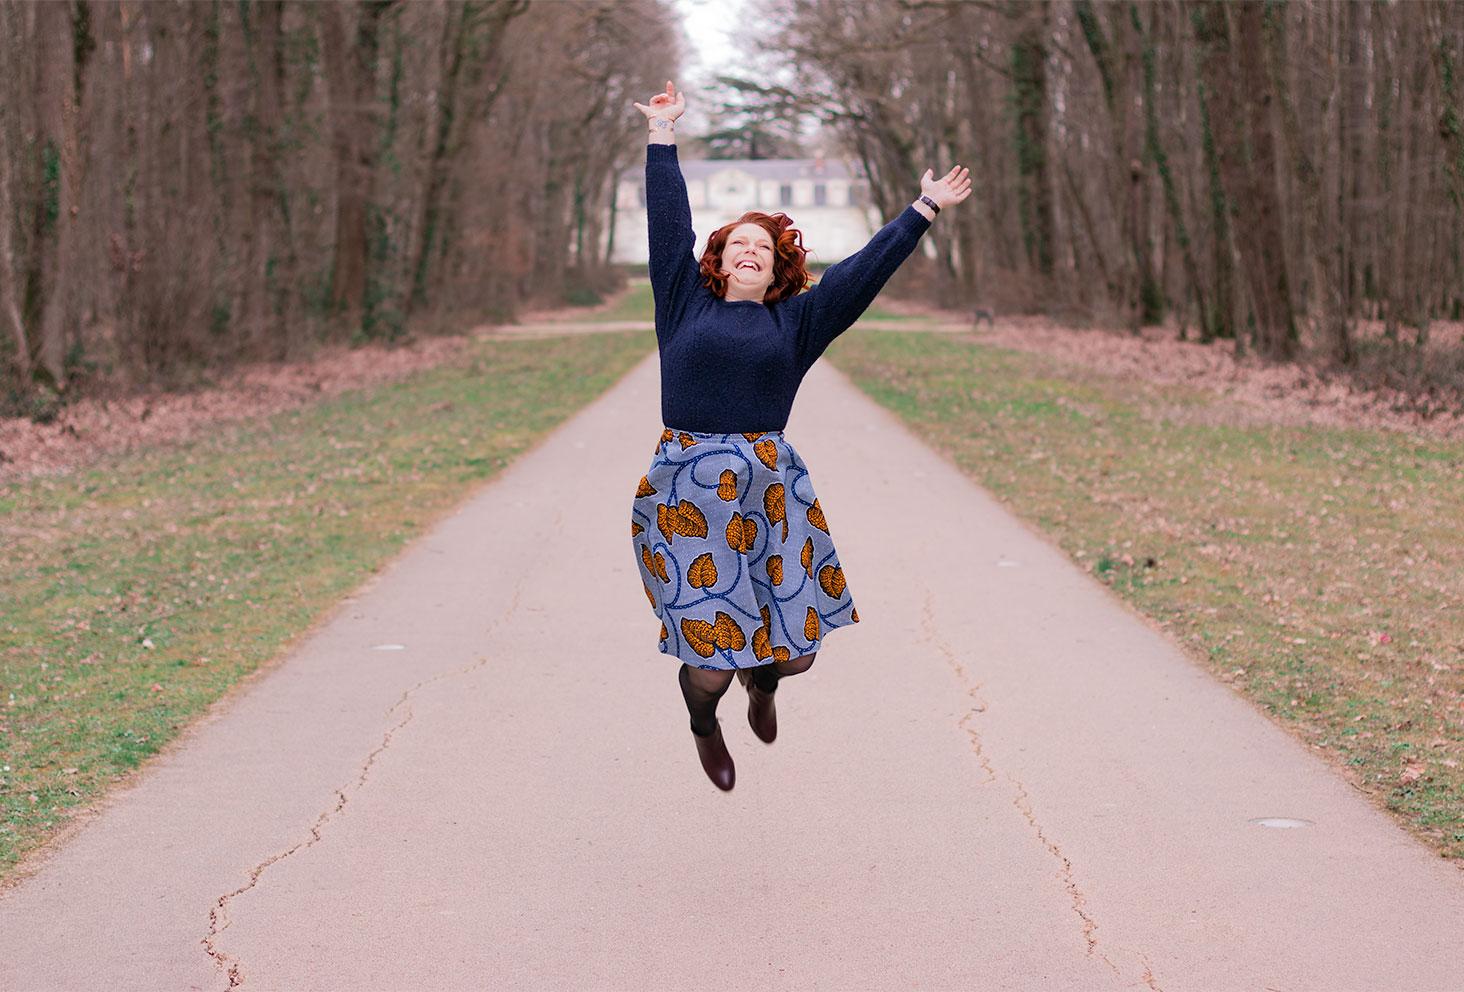 En plein saut, au milieu d'une allée de château, les bras en l'air en pull en laine et jupe en WAX